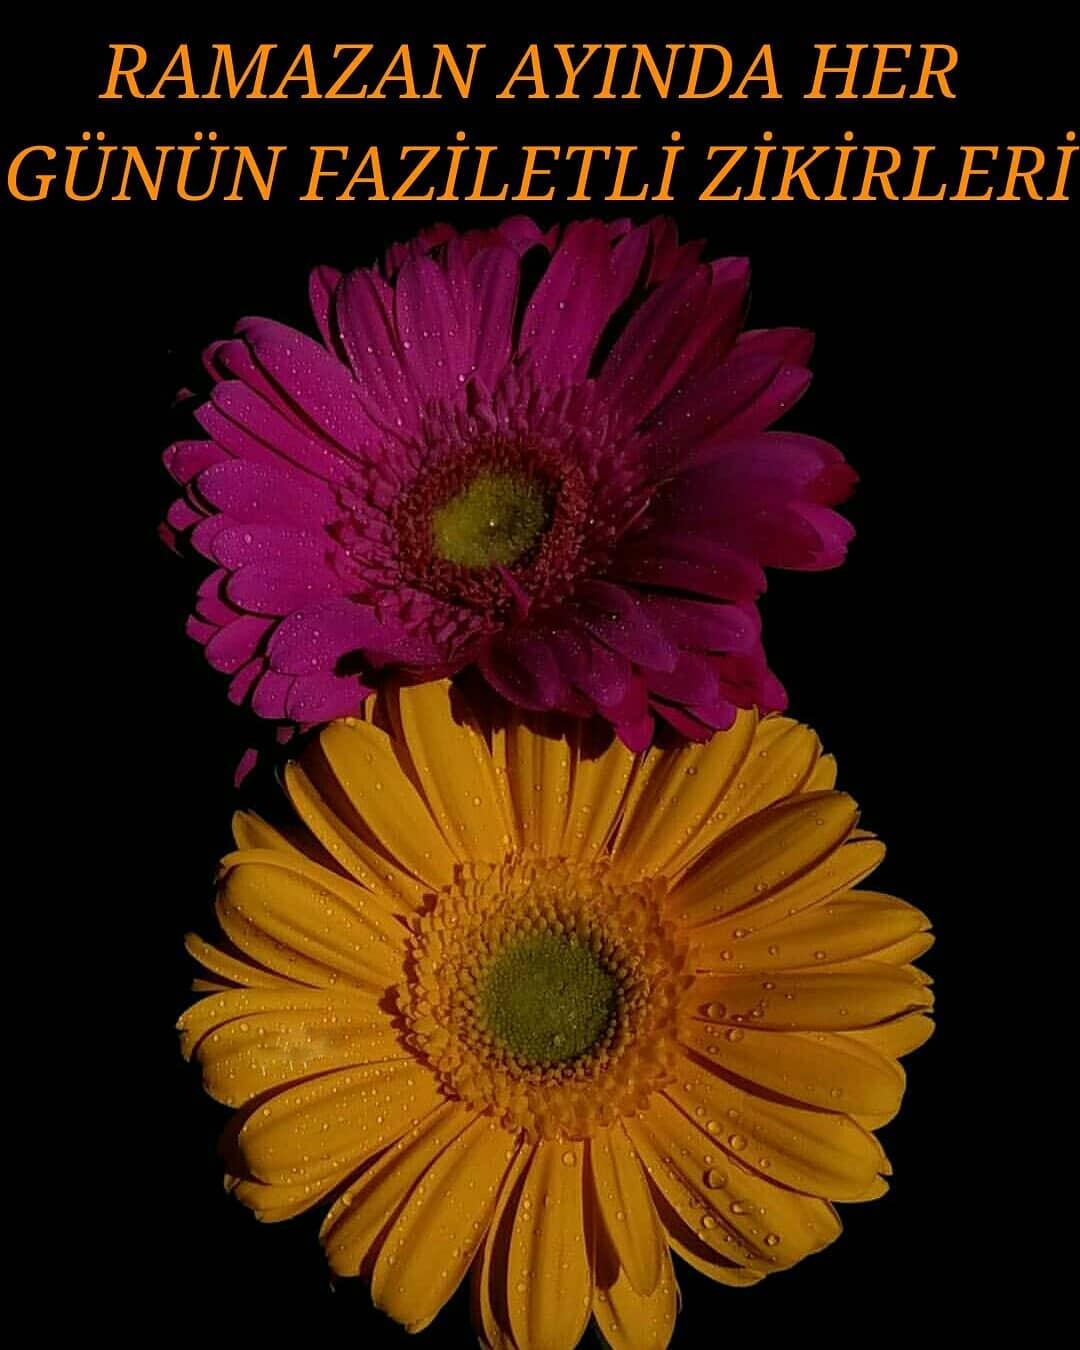 RAMAZAN AYINDA HER GÜNÜN FAZİLETLİ ZİKİRLERİ | www.corek-otu-yagi.com